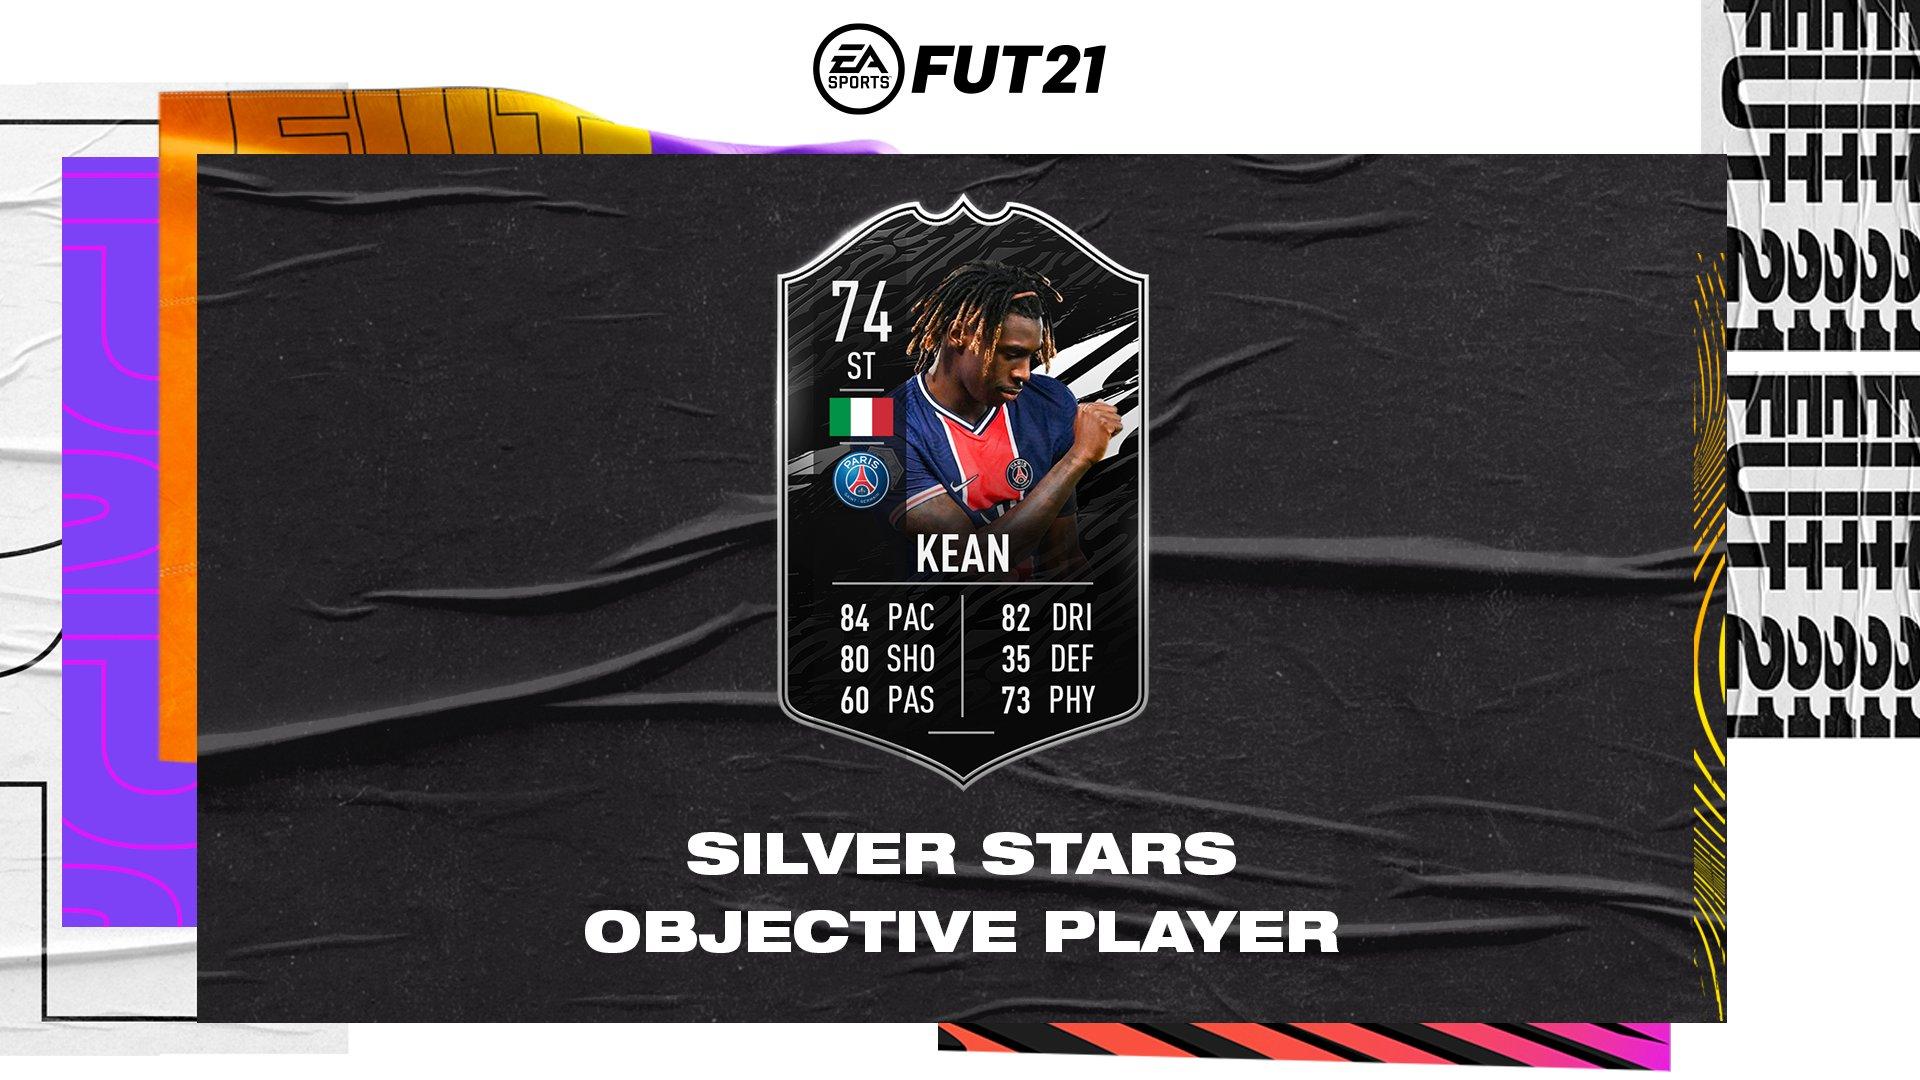 comment compléter les objectifs de kean silver stars dans